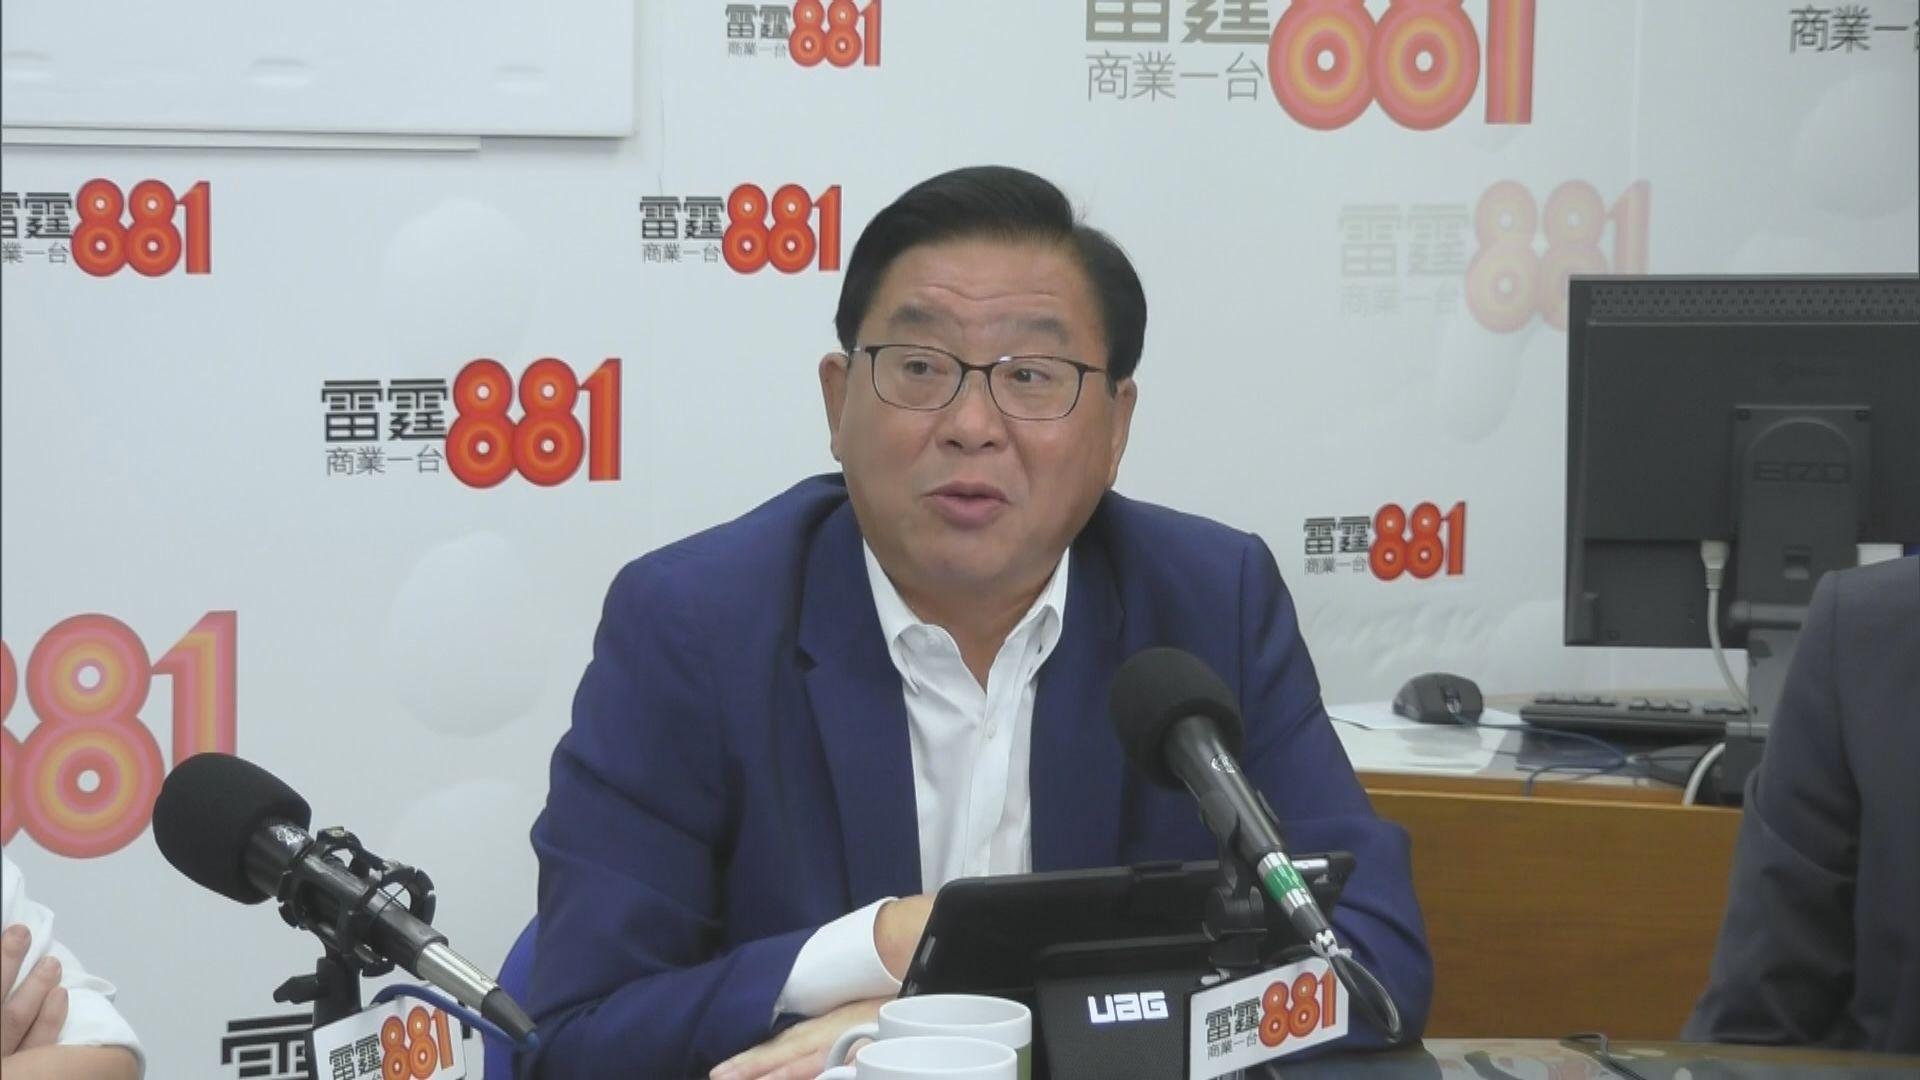 林健鋒:美國制裁香港是損人不利己